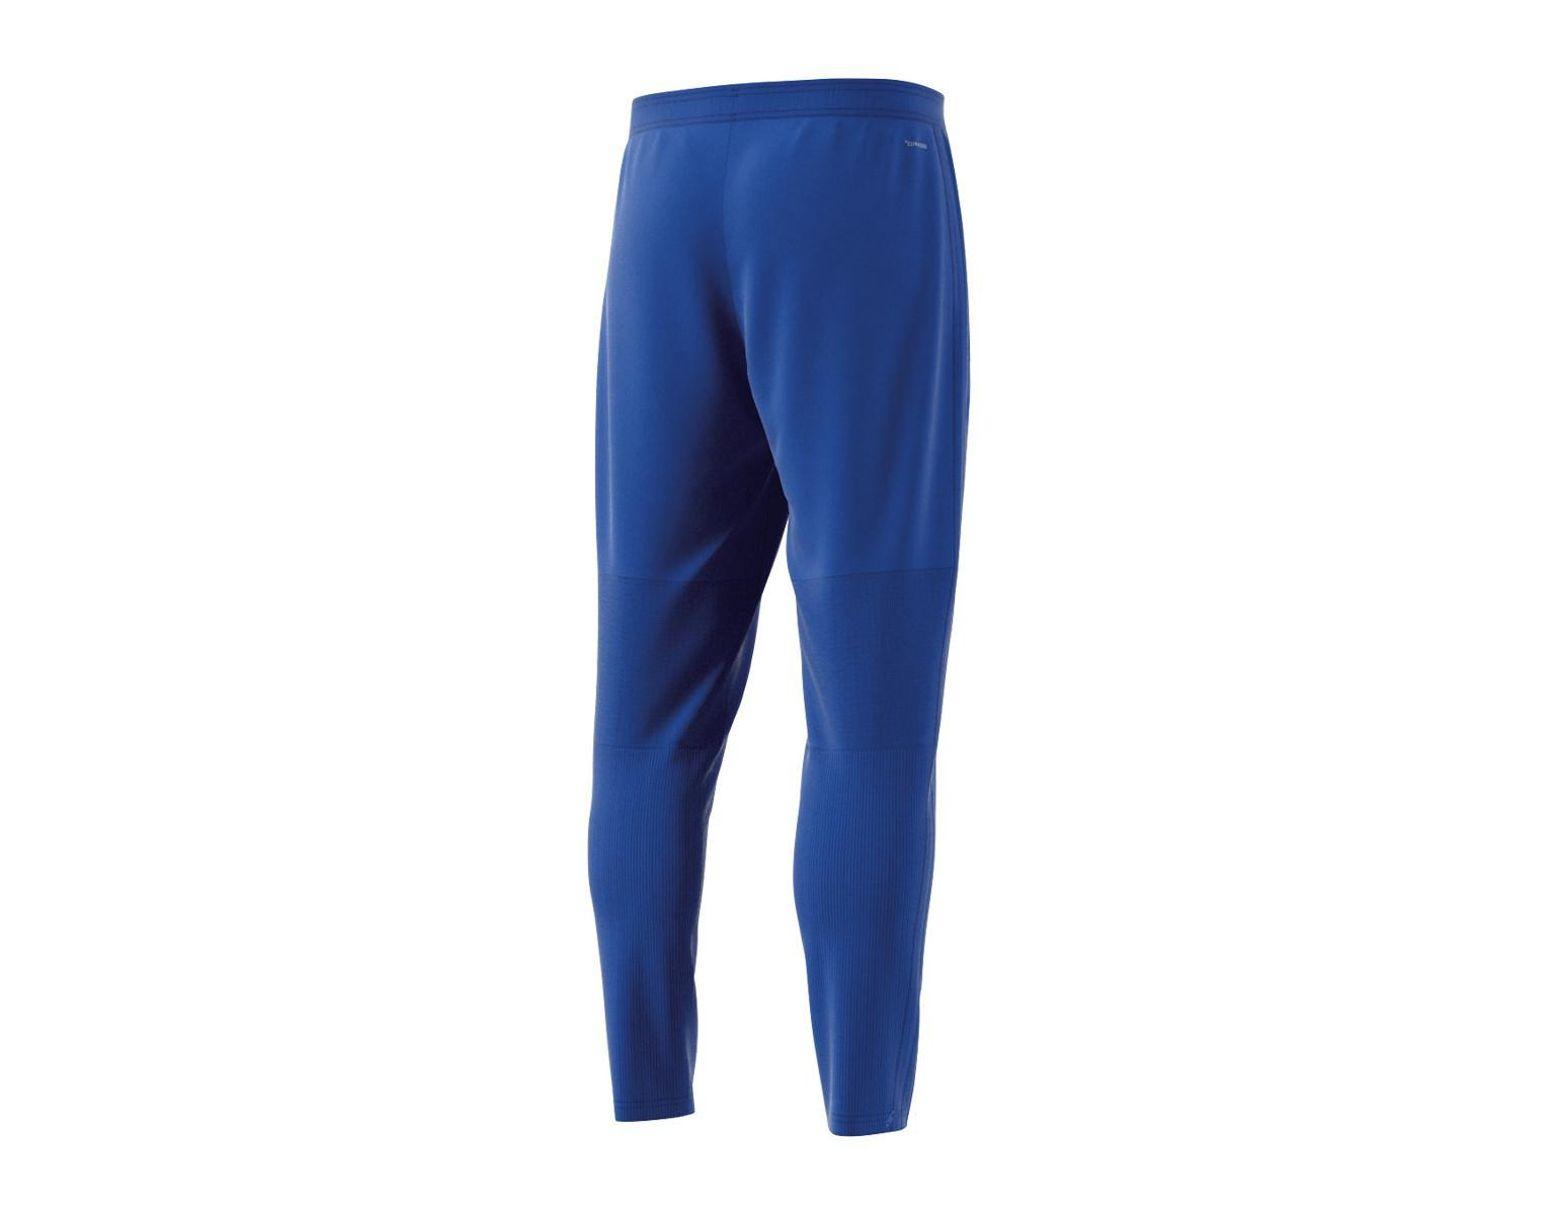 Training En Condivo Hommes Bleu Pant 18 Jogging PZiXkuO